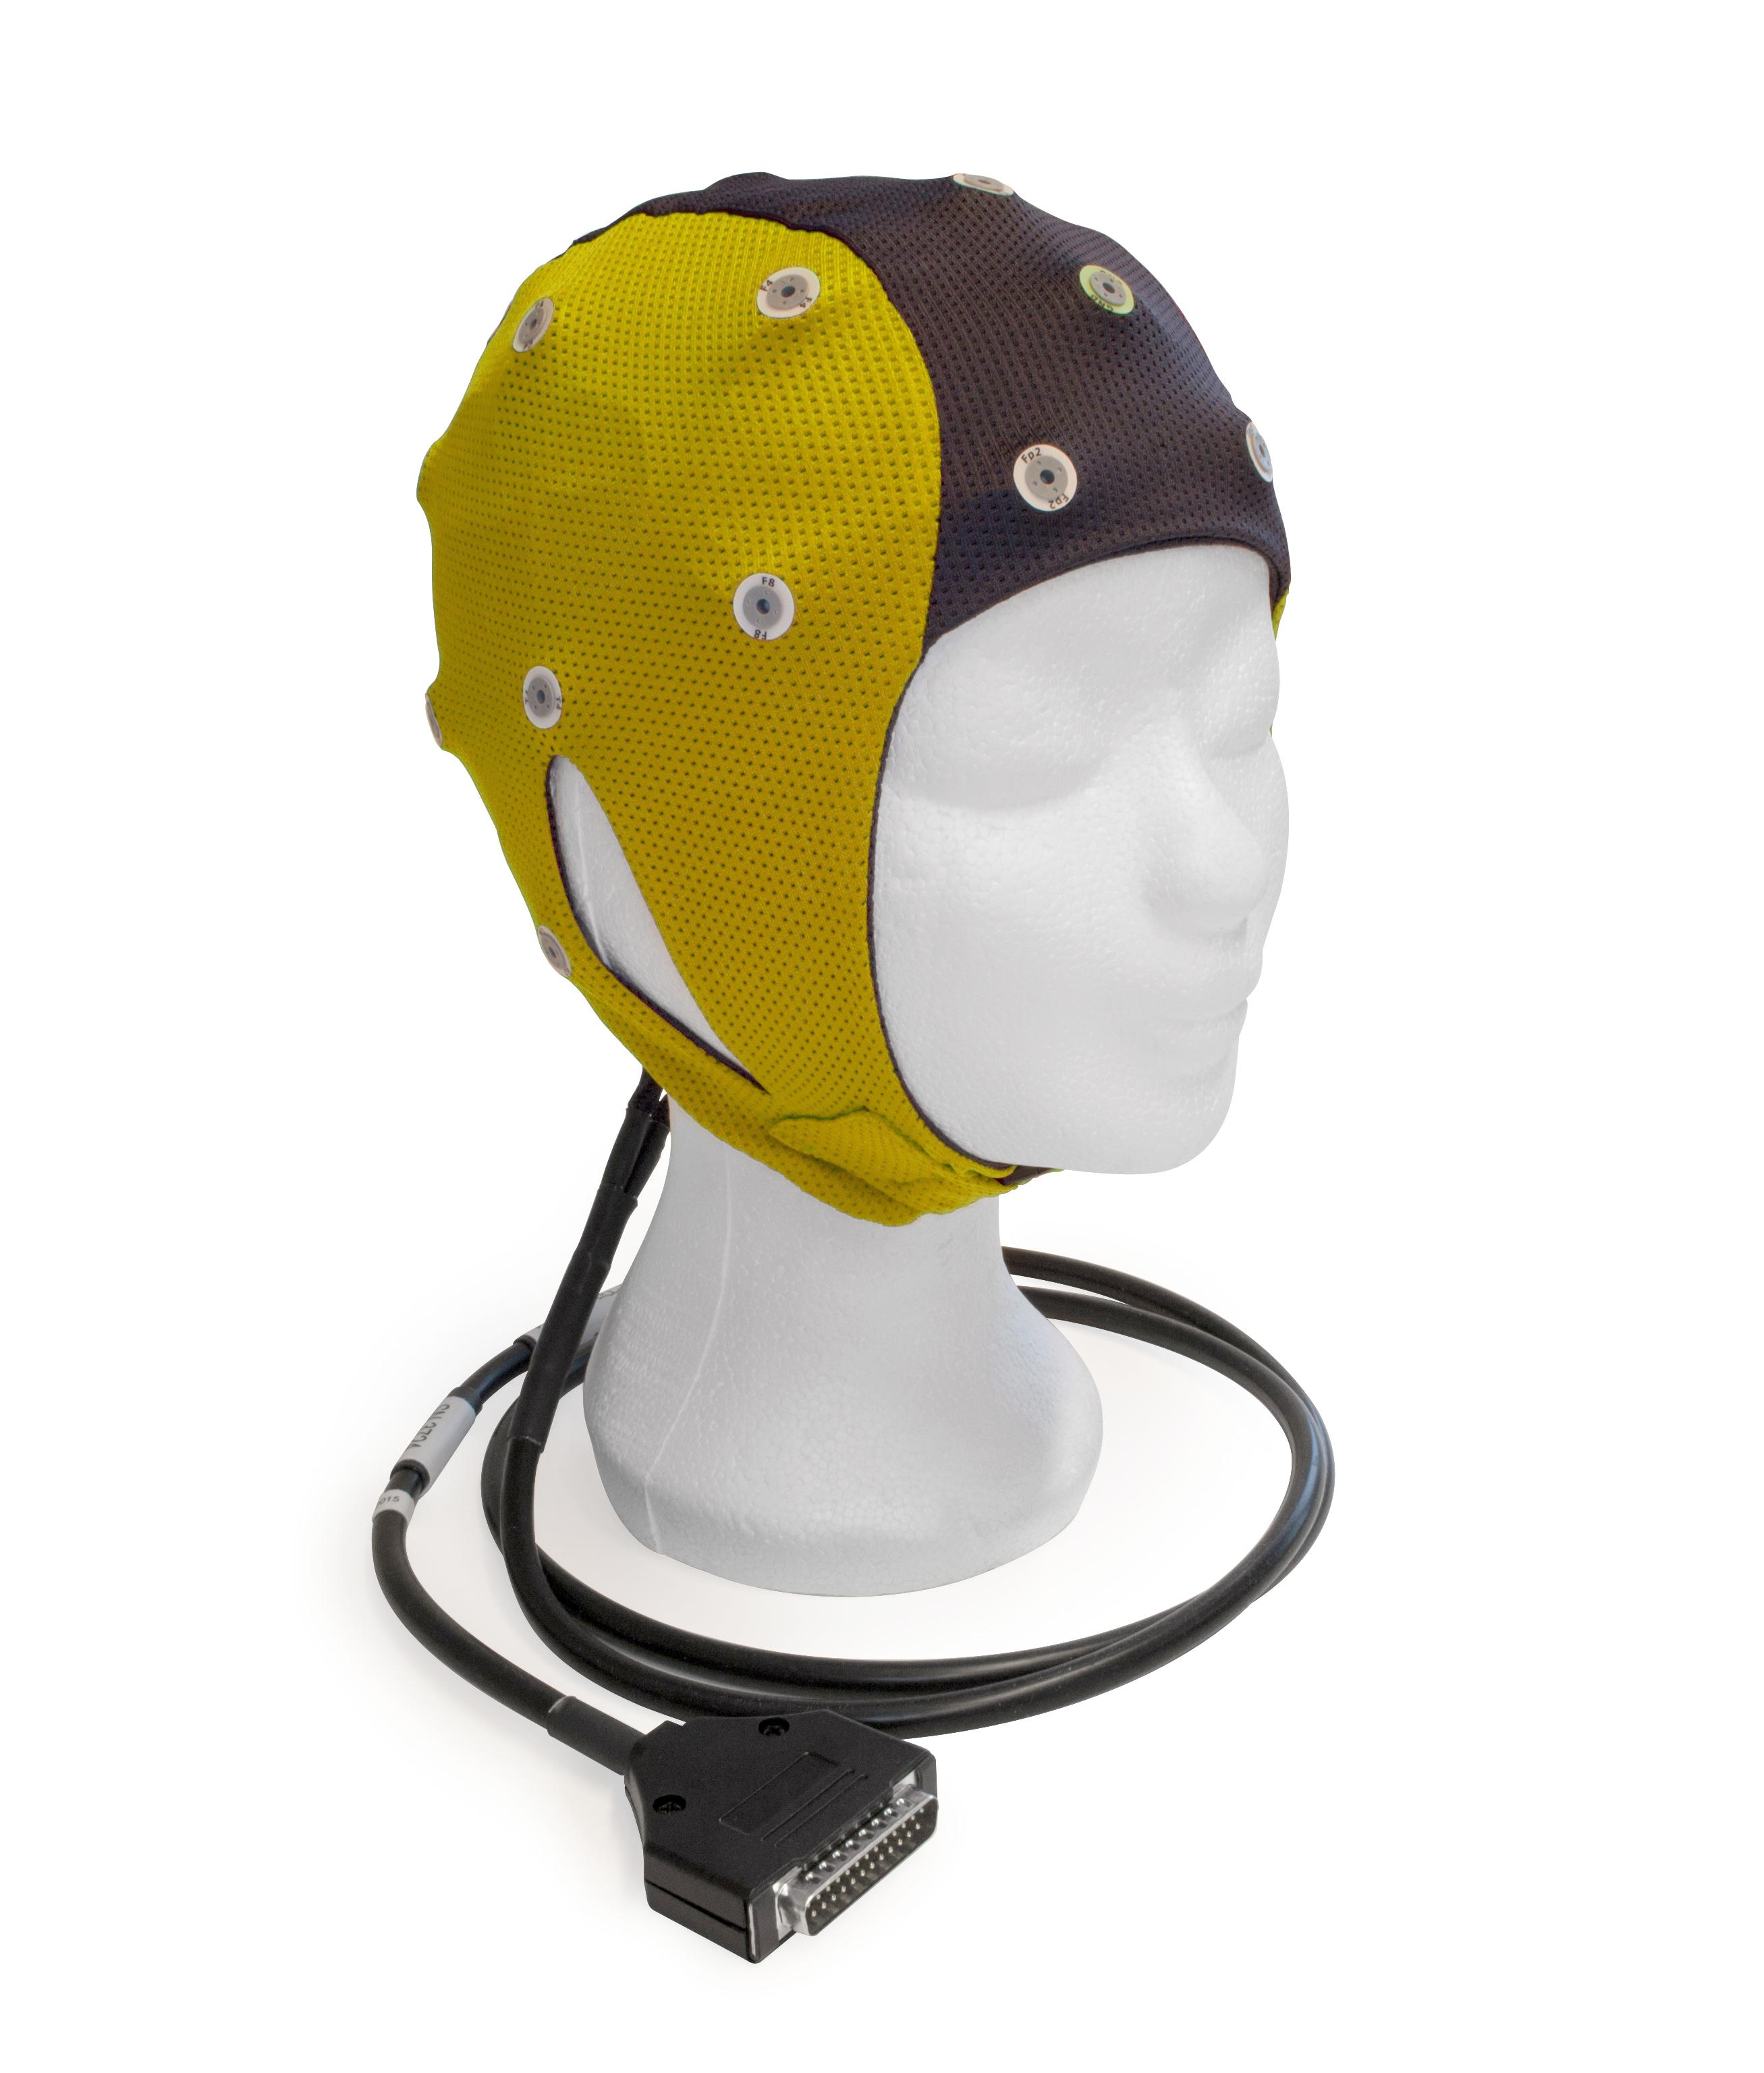 EEG čepice ANT-Neuro: S (47 – 51 cm, Žlutočerná)